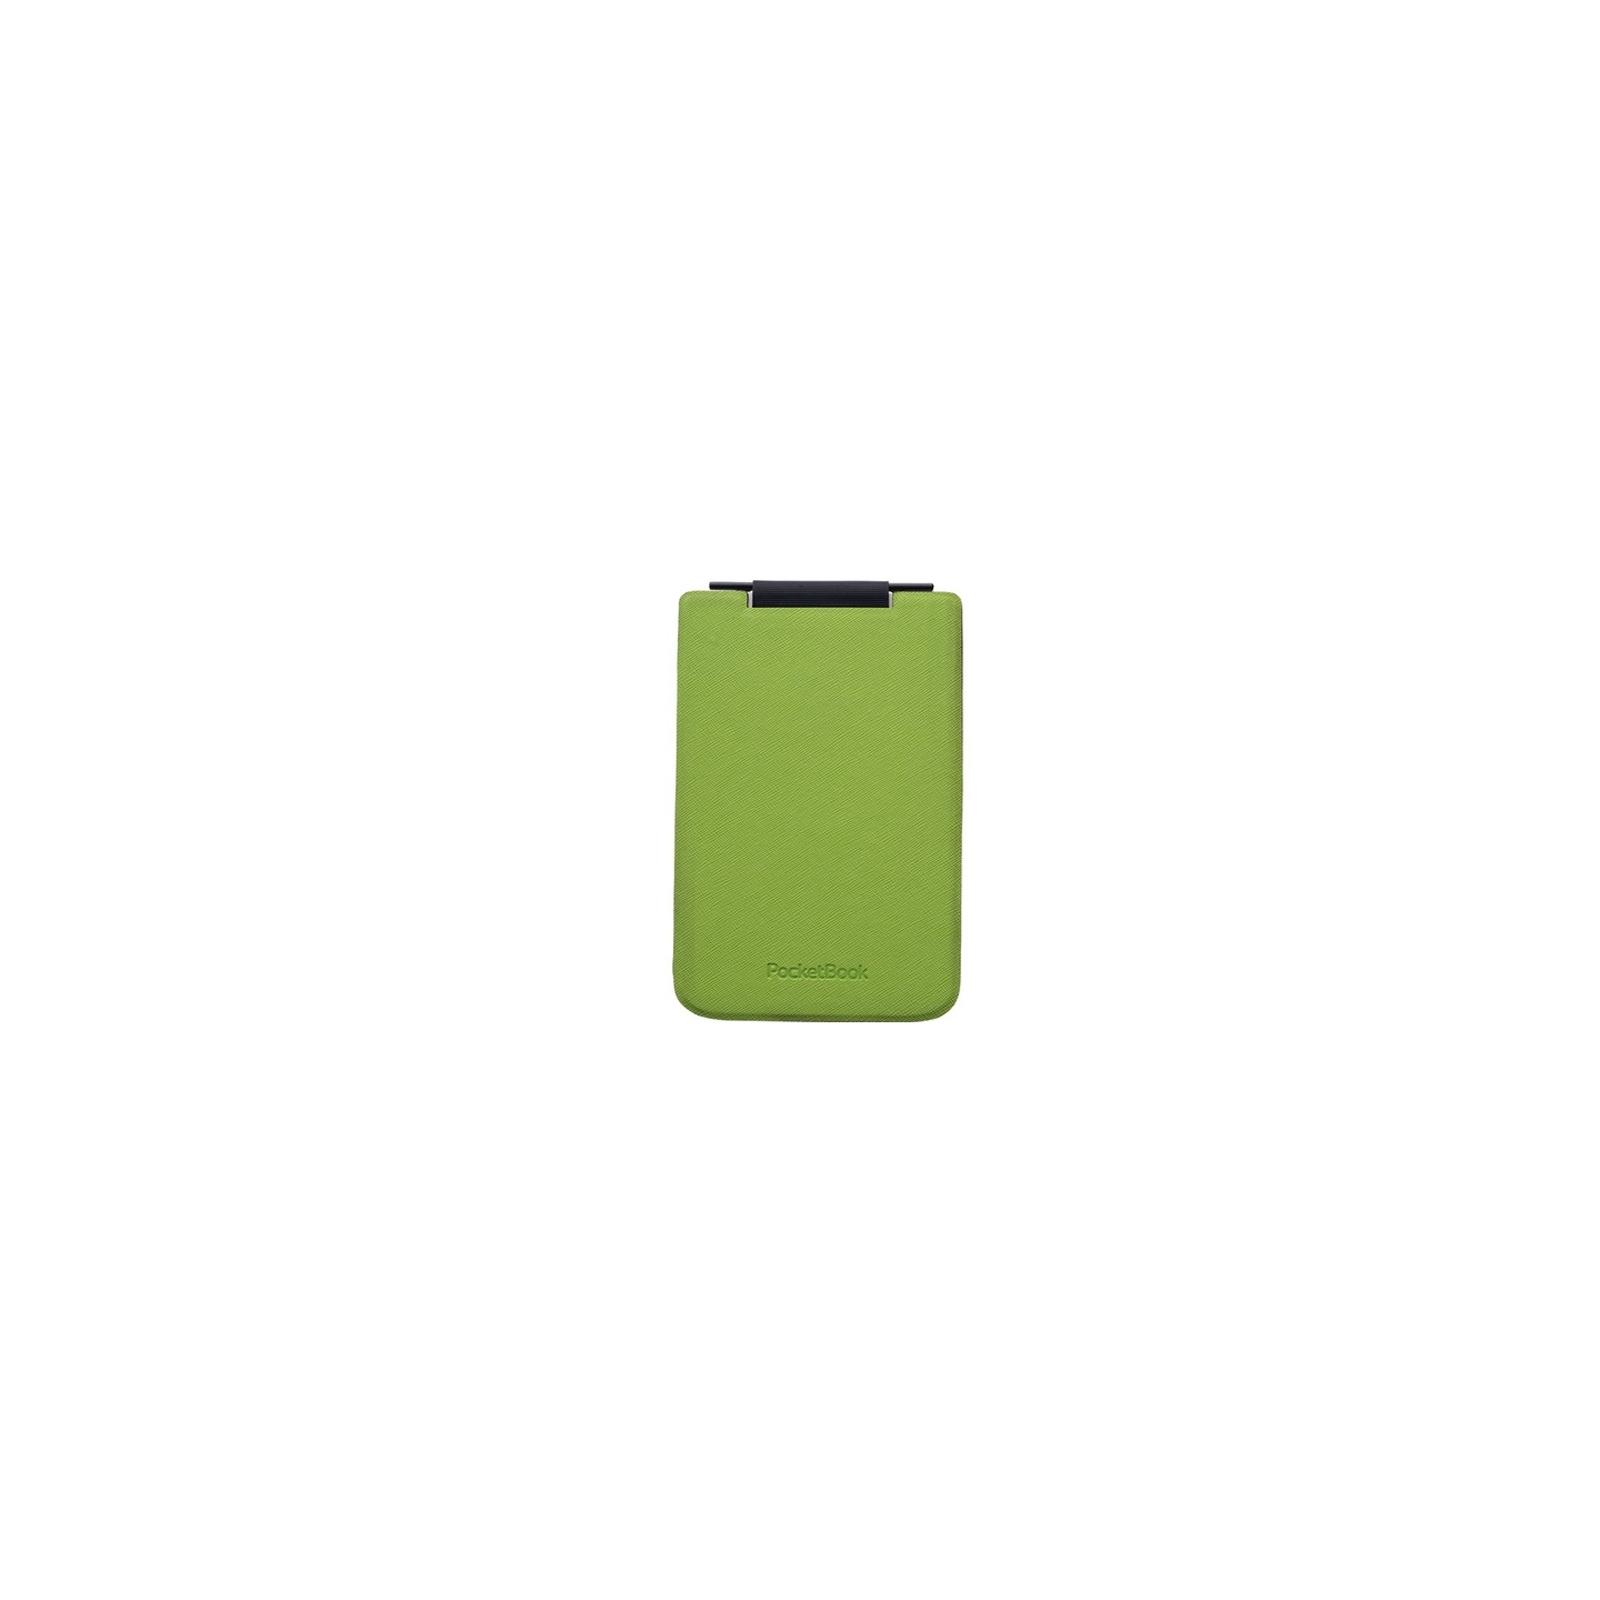 Чехол для электронной книги PocketBook PB624 Flip green/black (PBPUC-624-GRBC-RD)